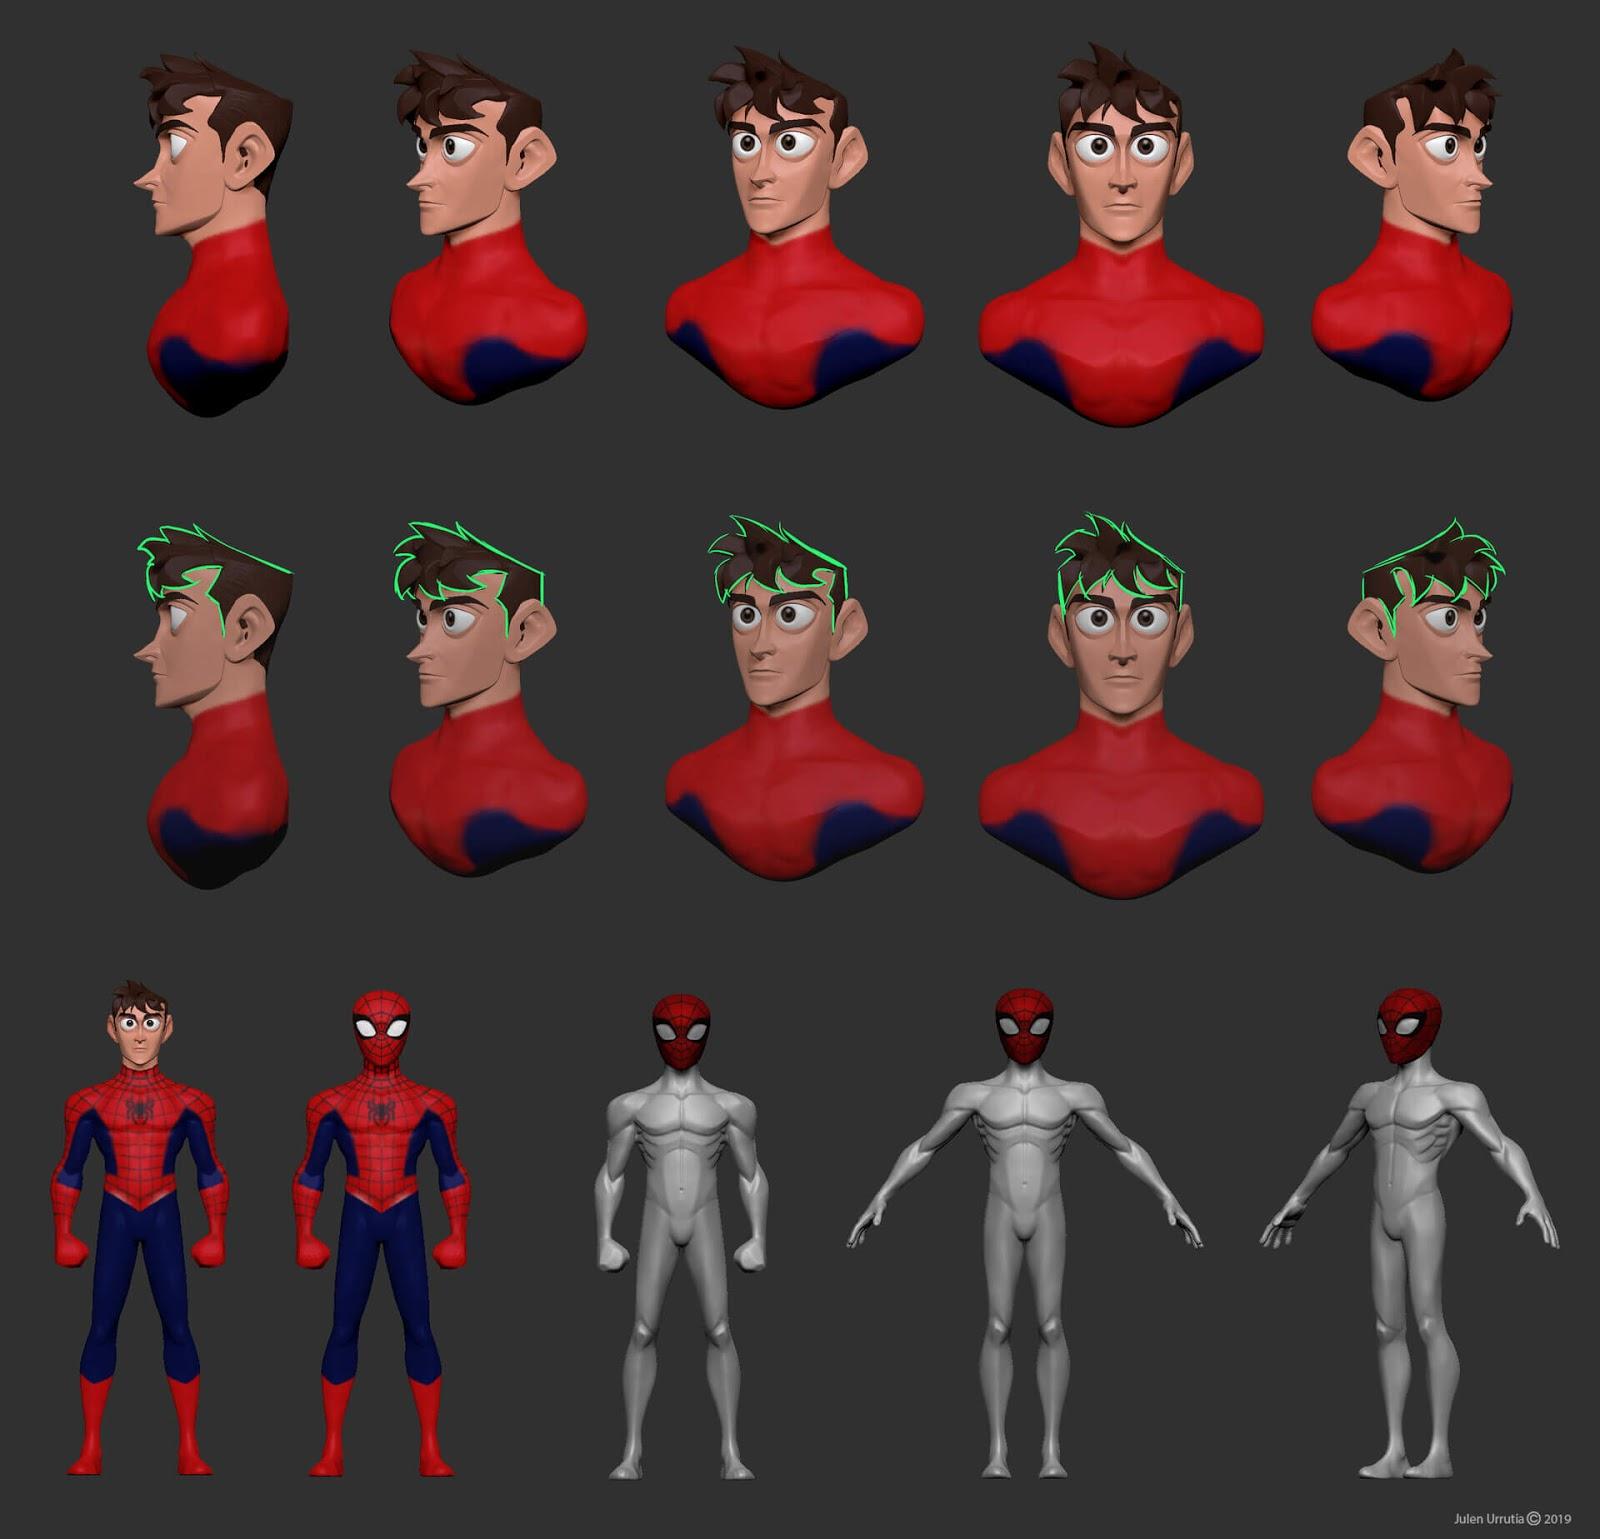 Arte do Homem-Aranha no estilo Pixar